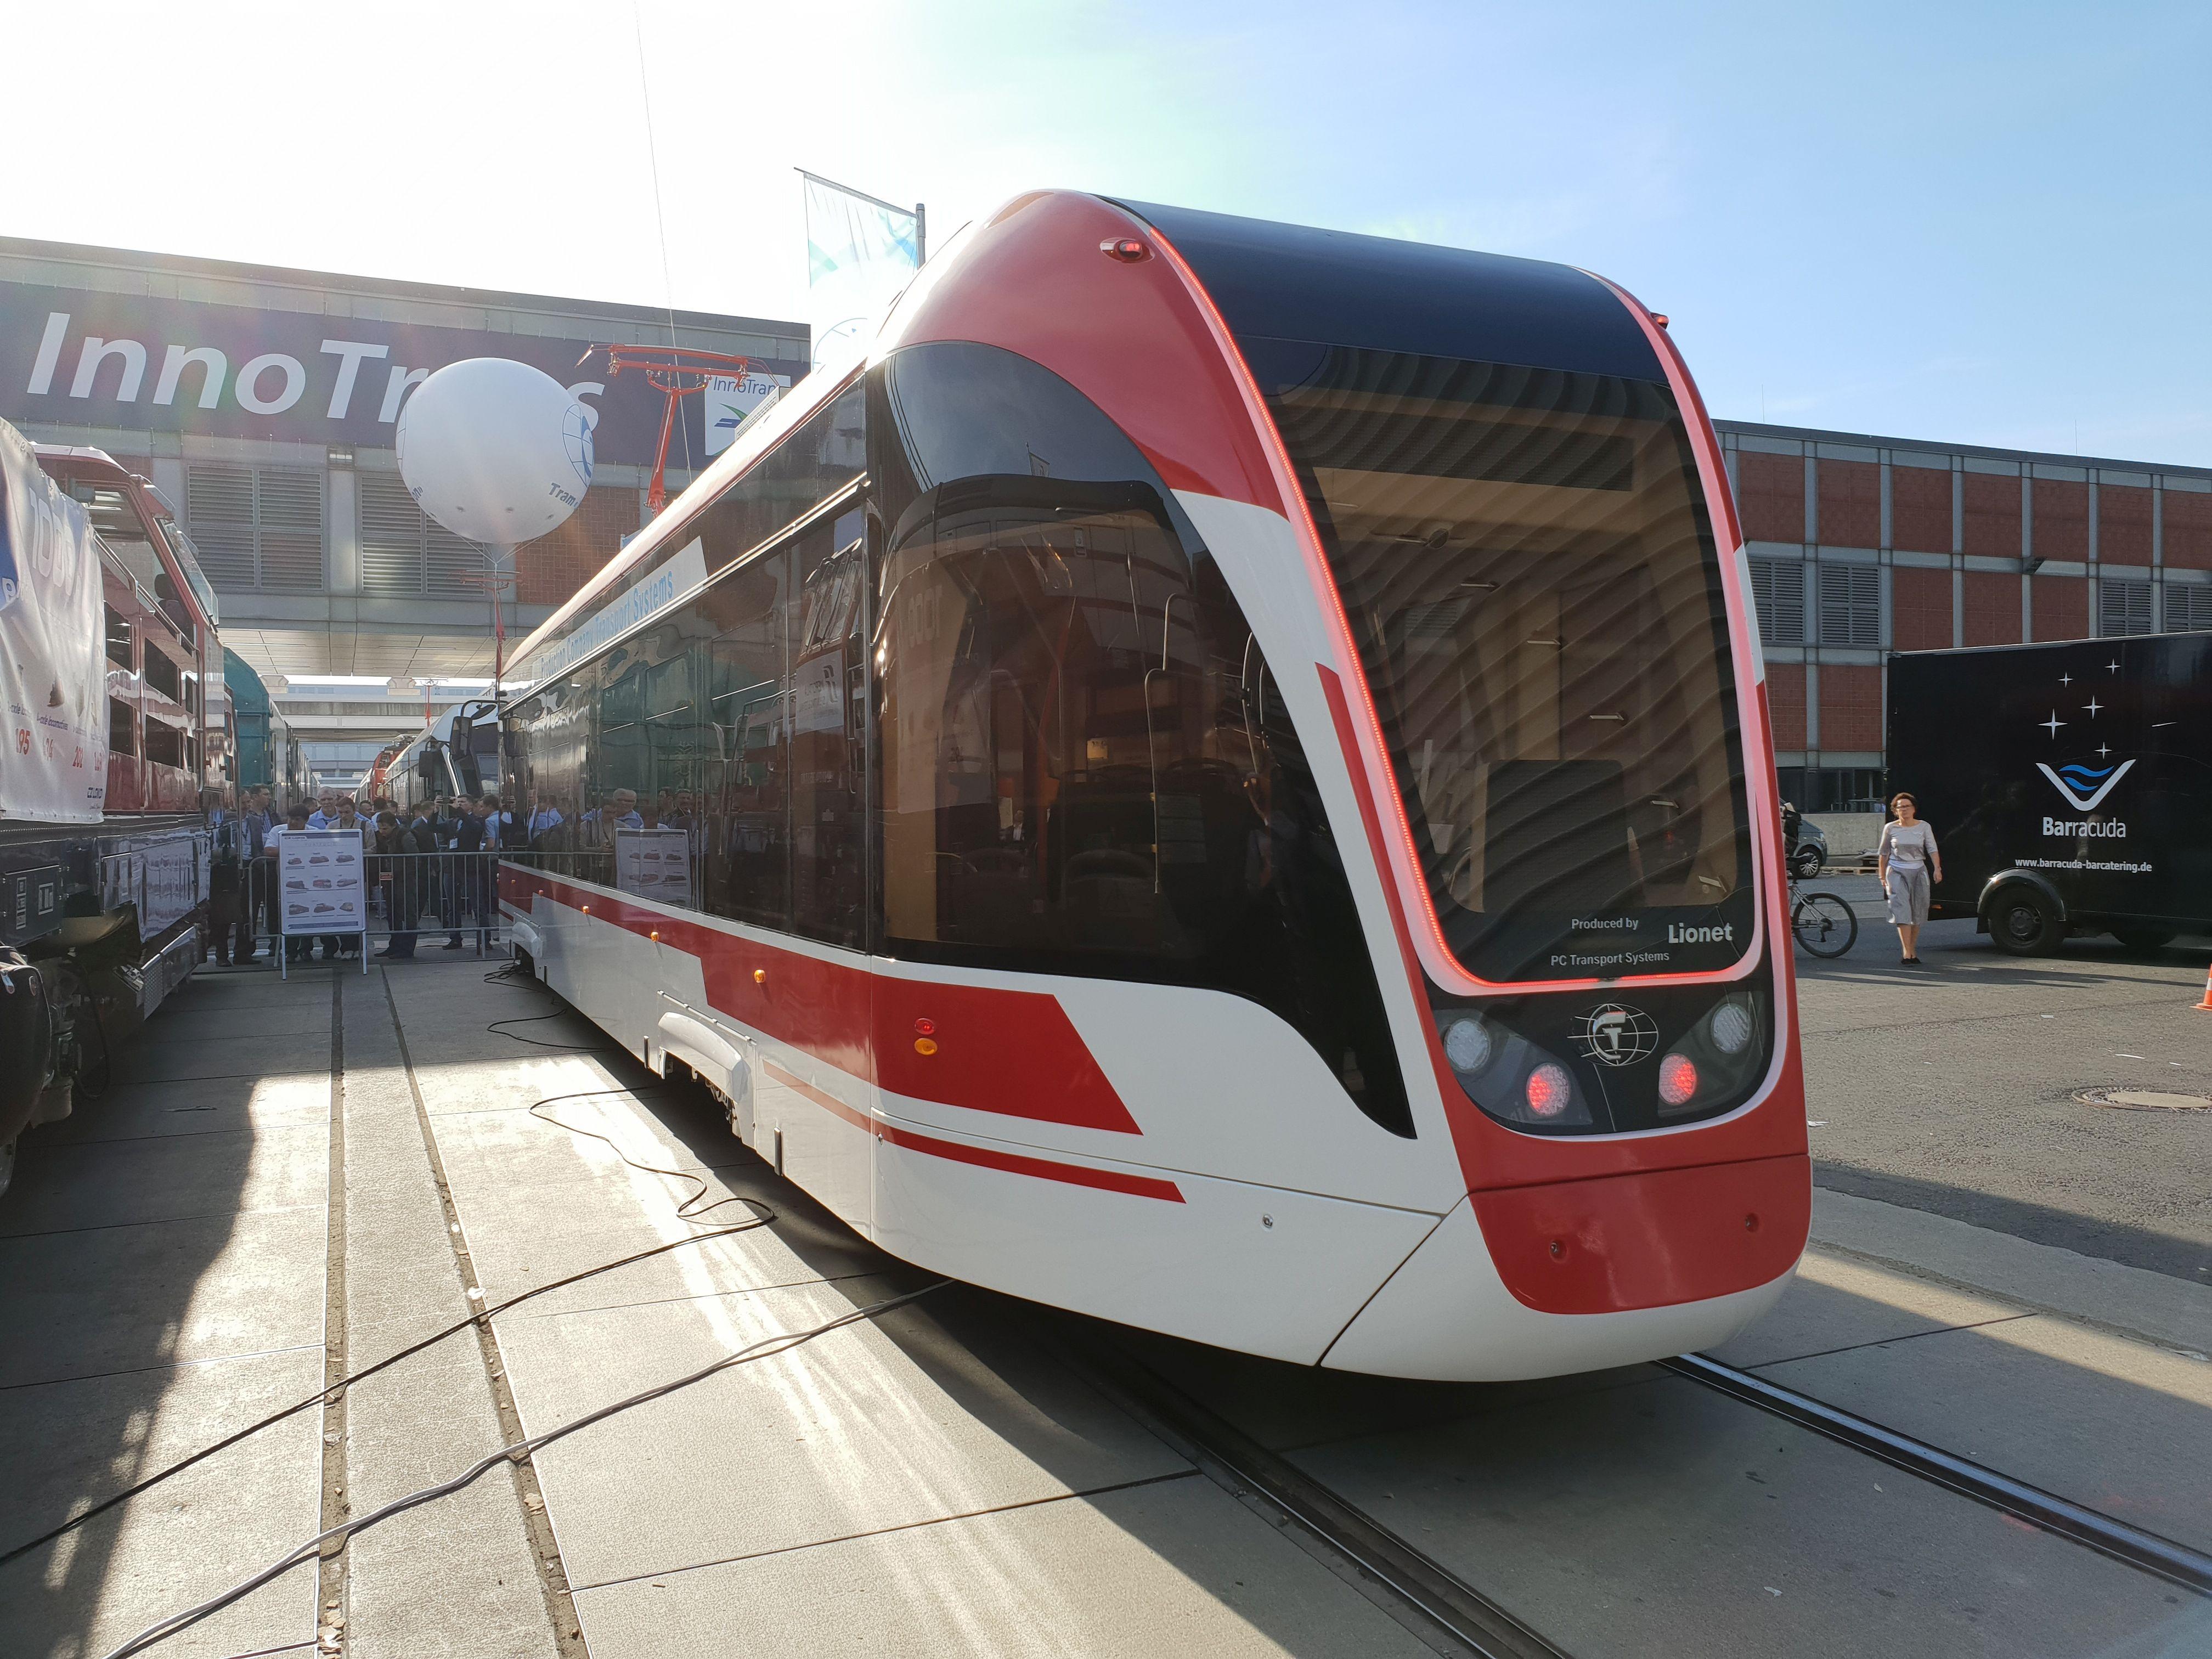 Foto: Straßenbahn Lionet von PC Transport Systems auf der Berliner Innotrans